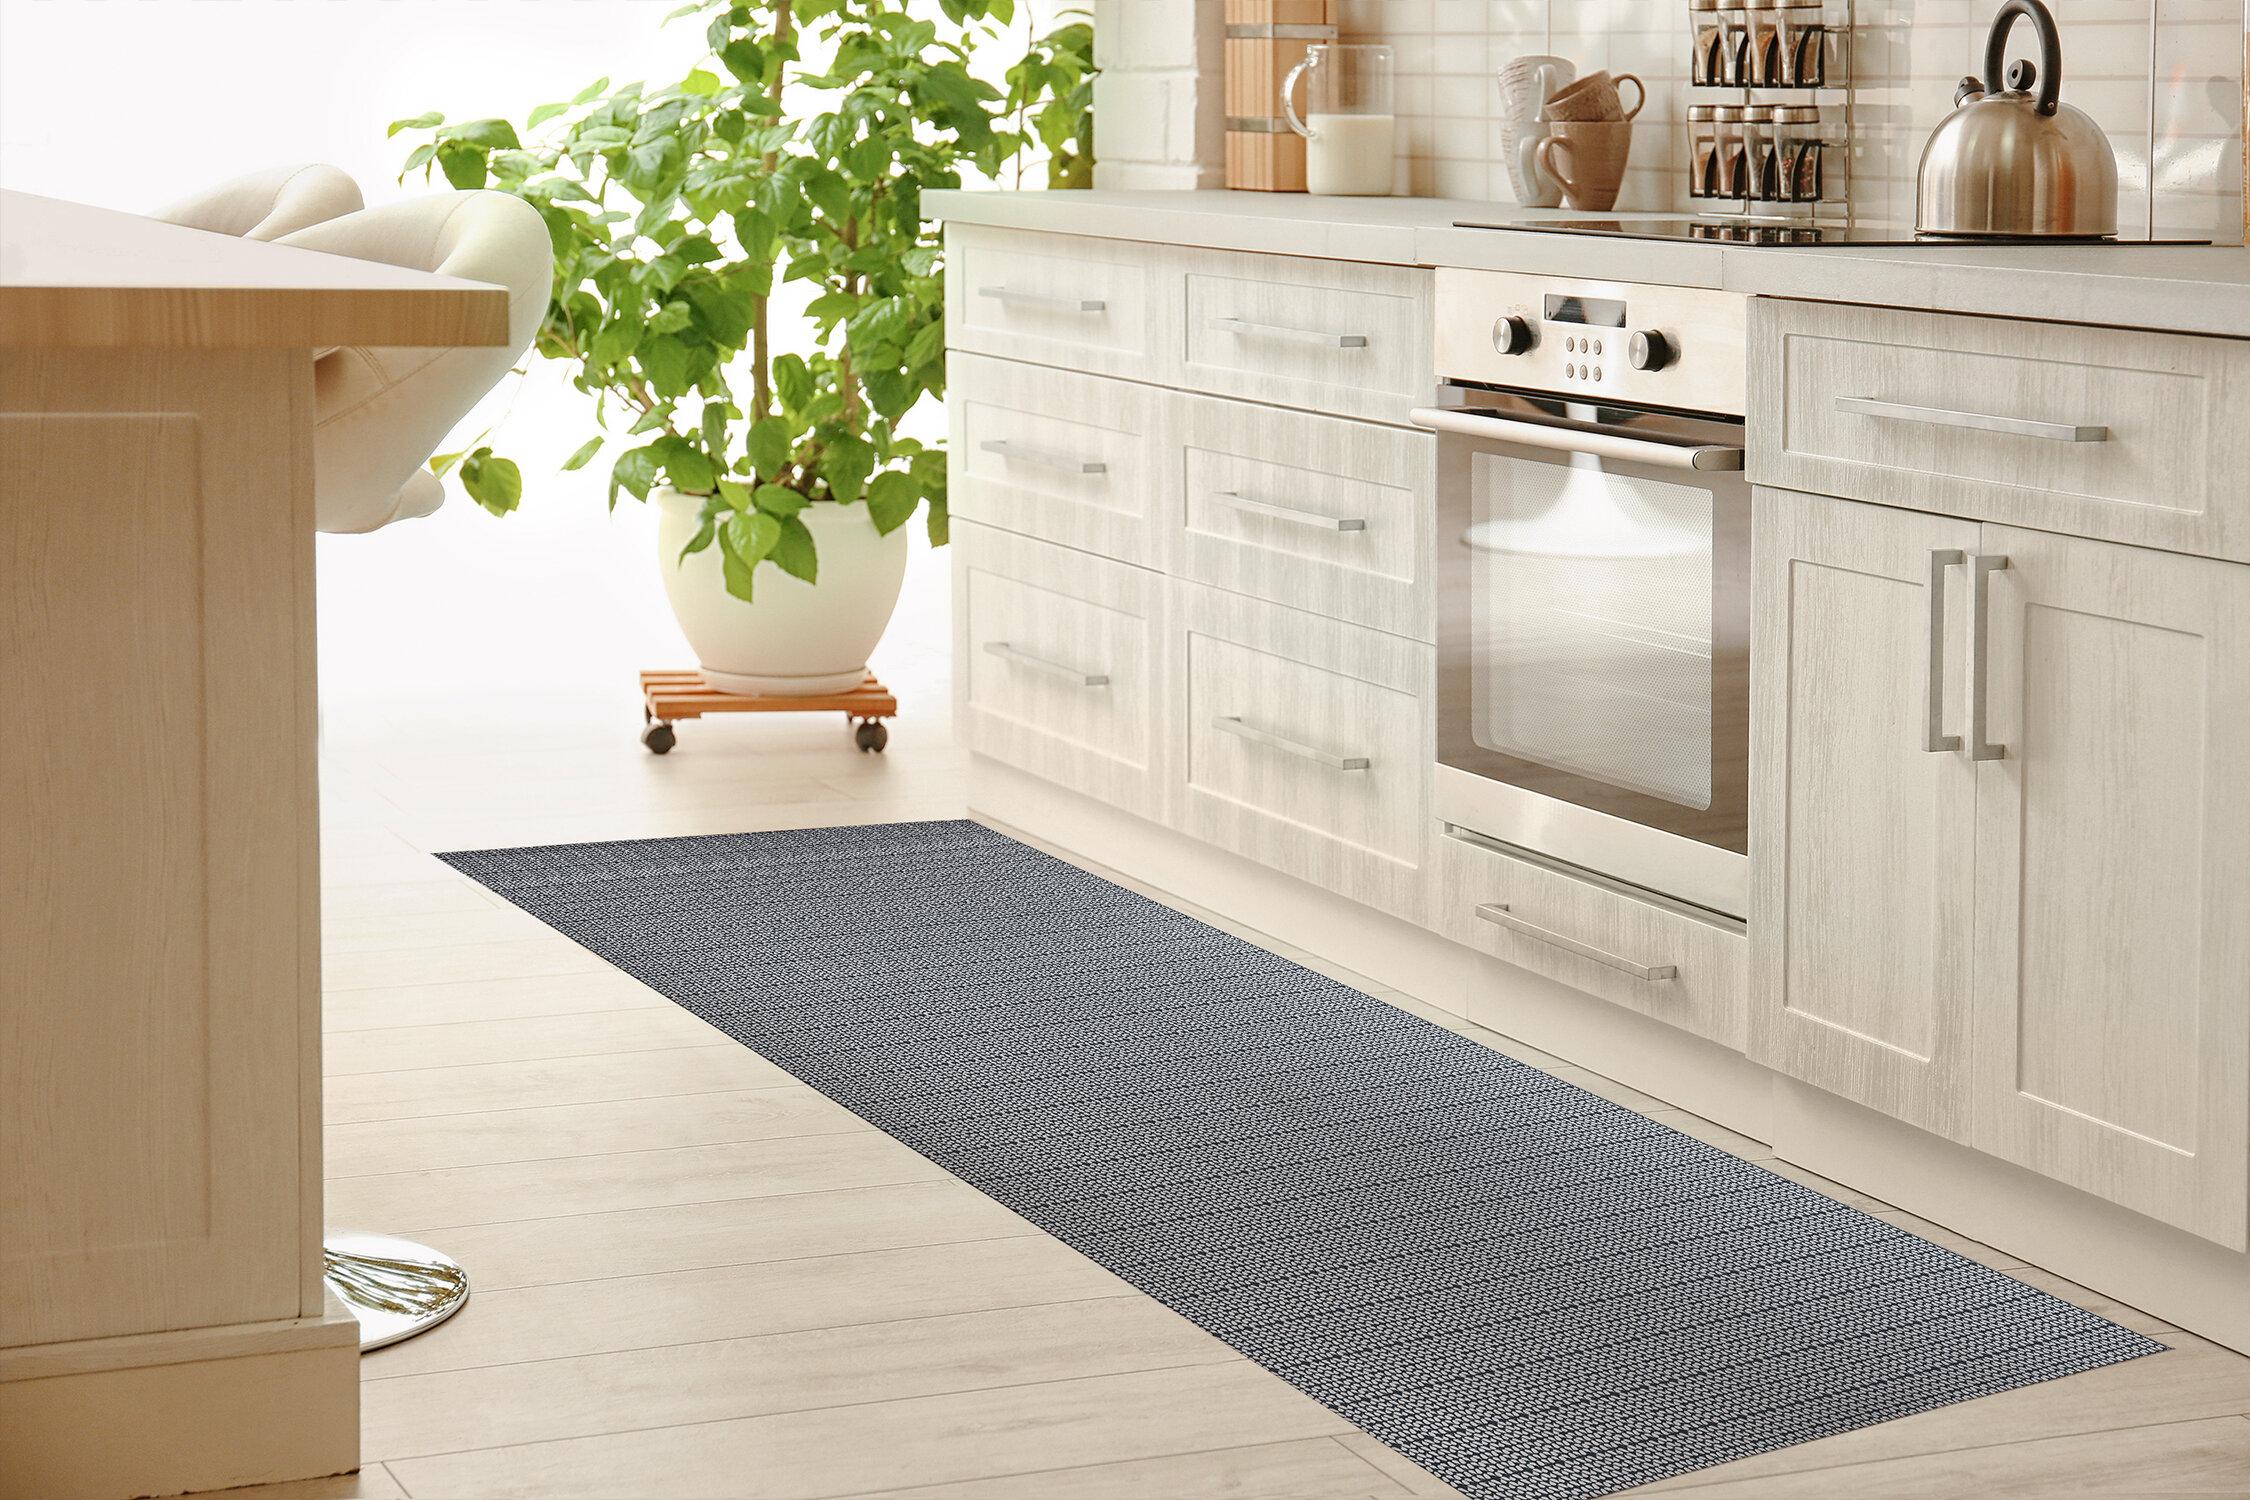 Ebern Designs Stefana Kitchen Mat Wayfair